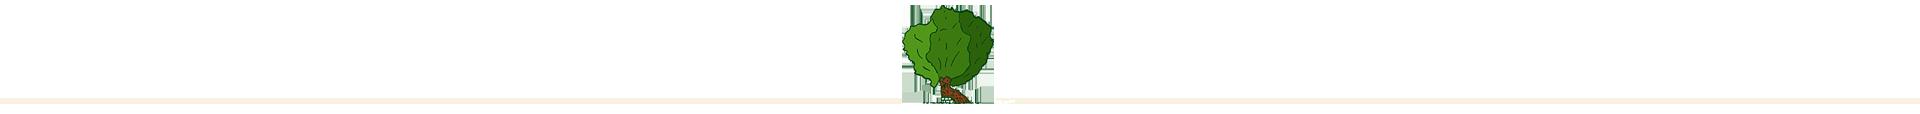 Baum Trennlinie